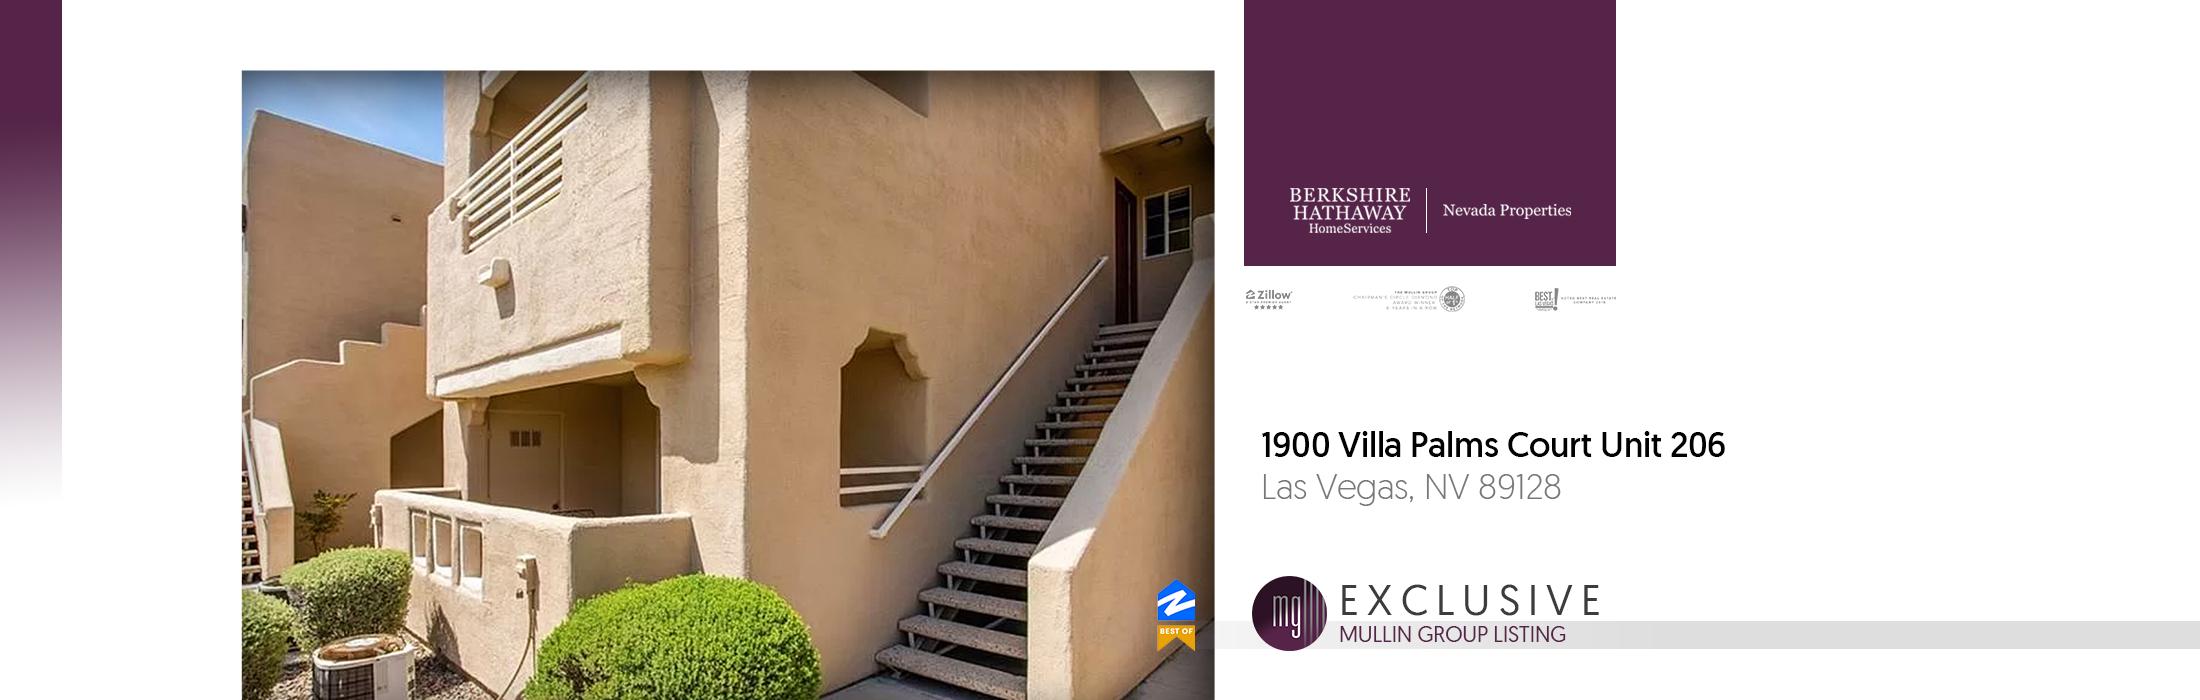 1900 Villa Palms Court Unit 206